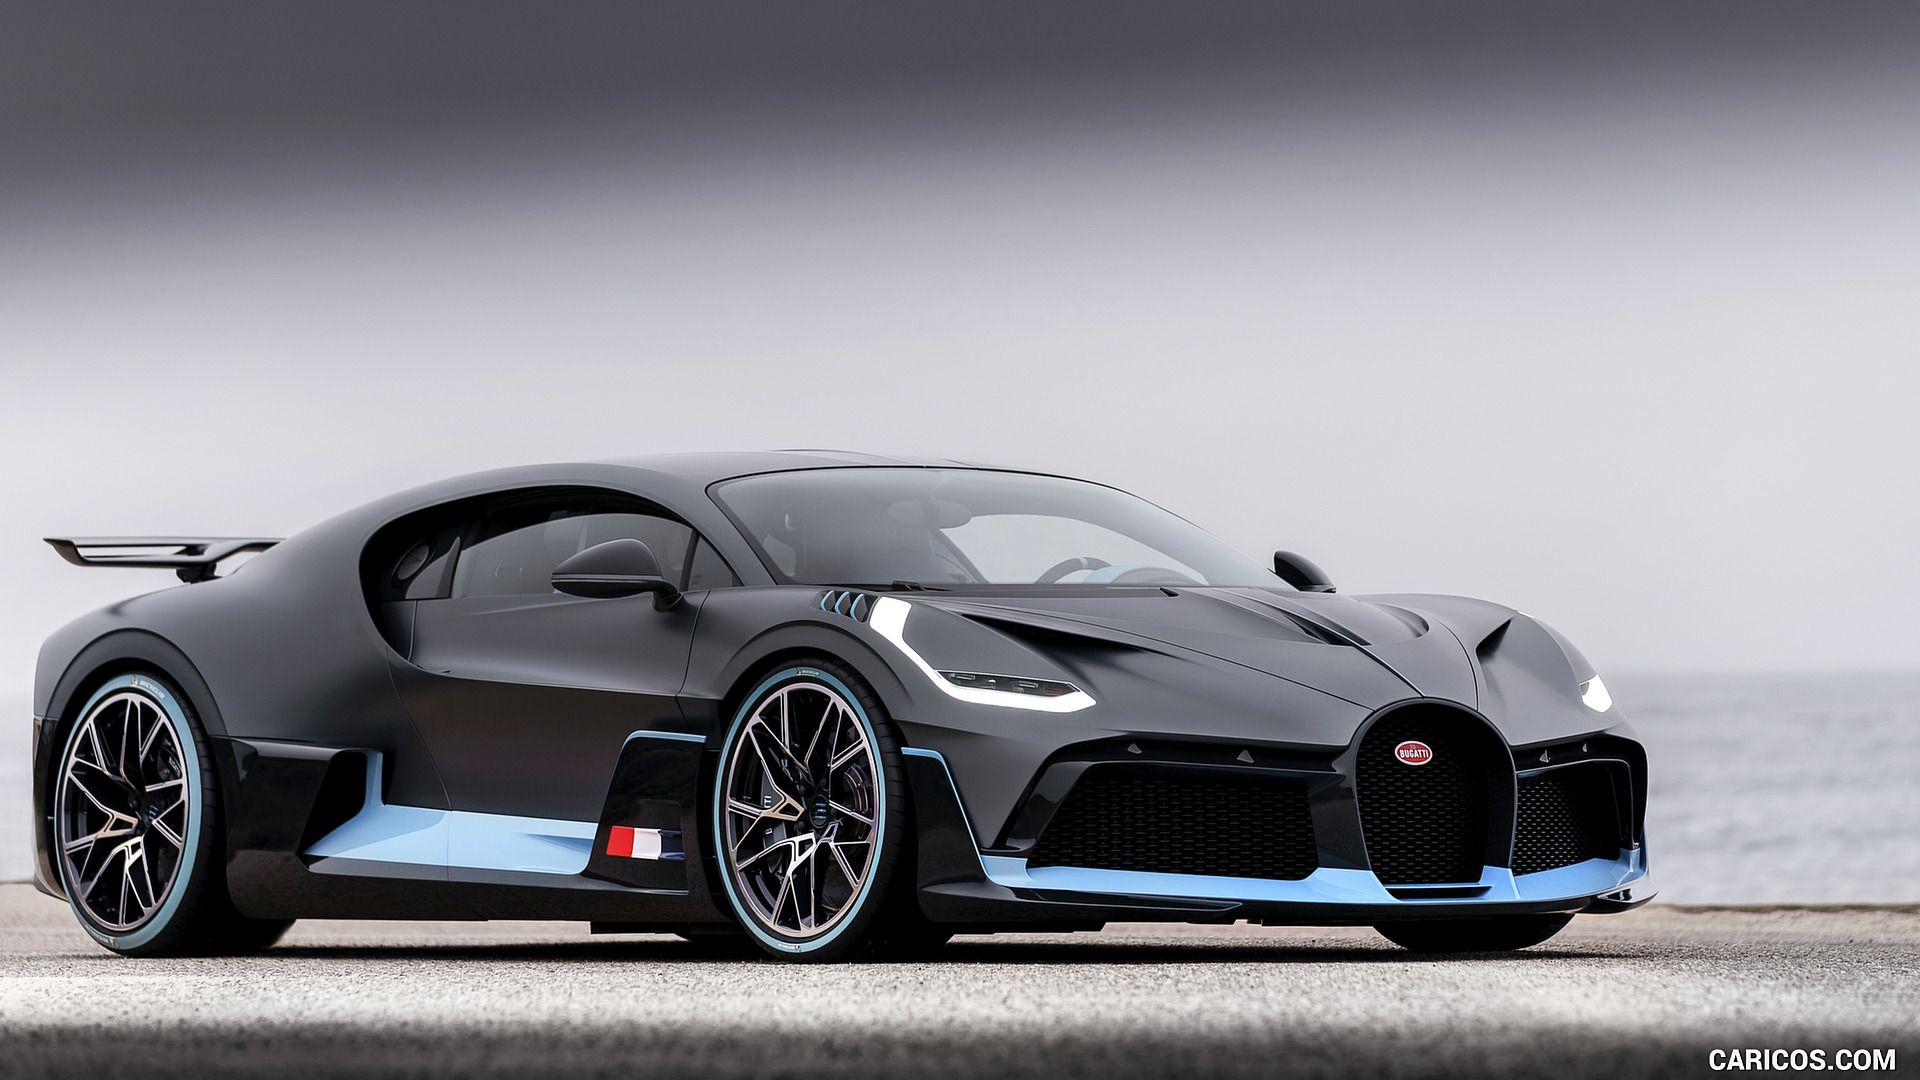 2019 Bugatti Divo Wallpaper Bugatti Divo Bugatti Cars Bugatti